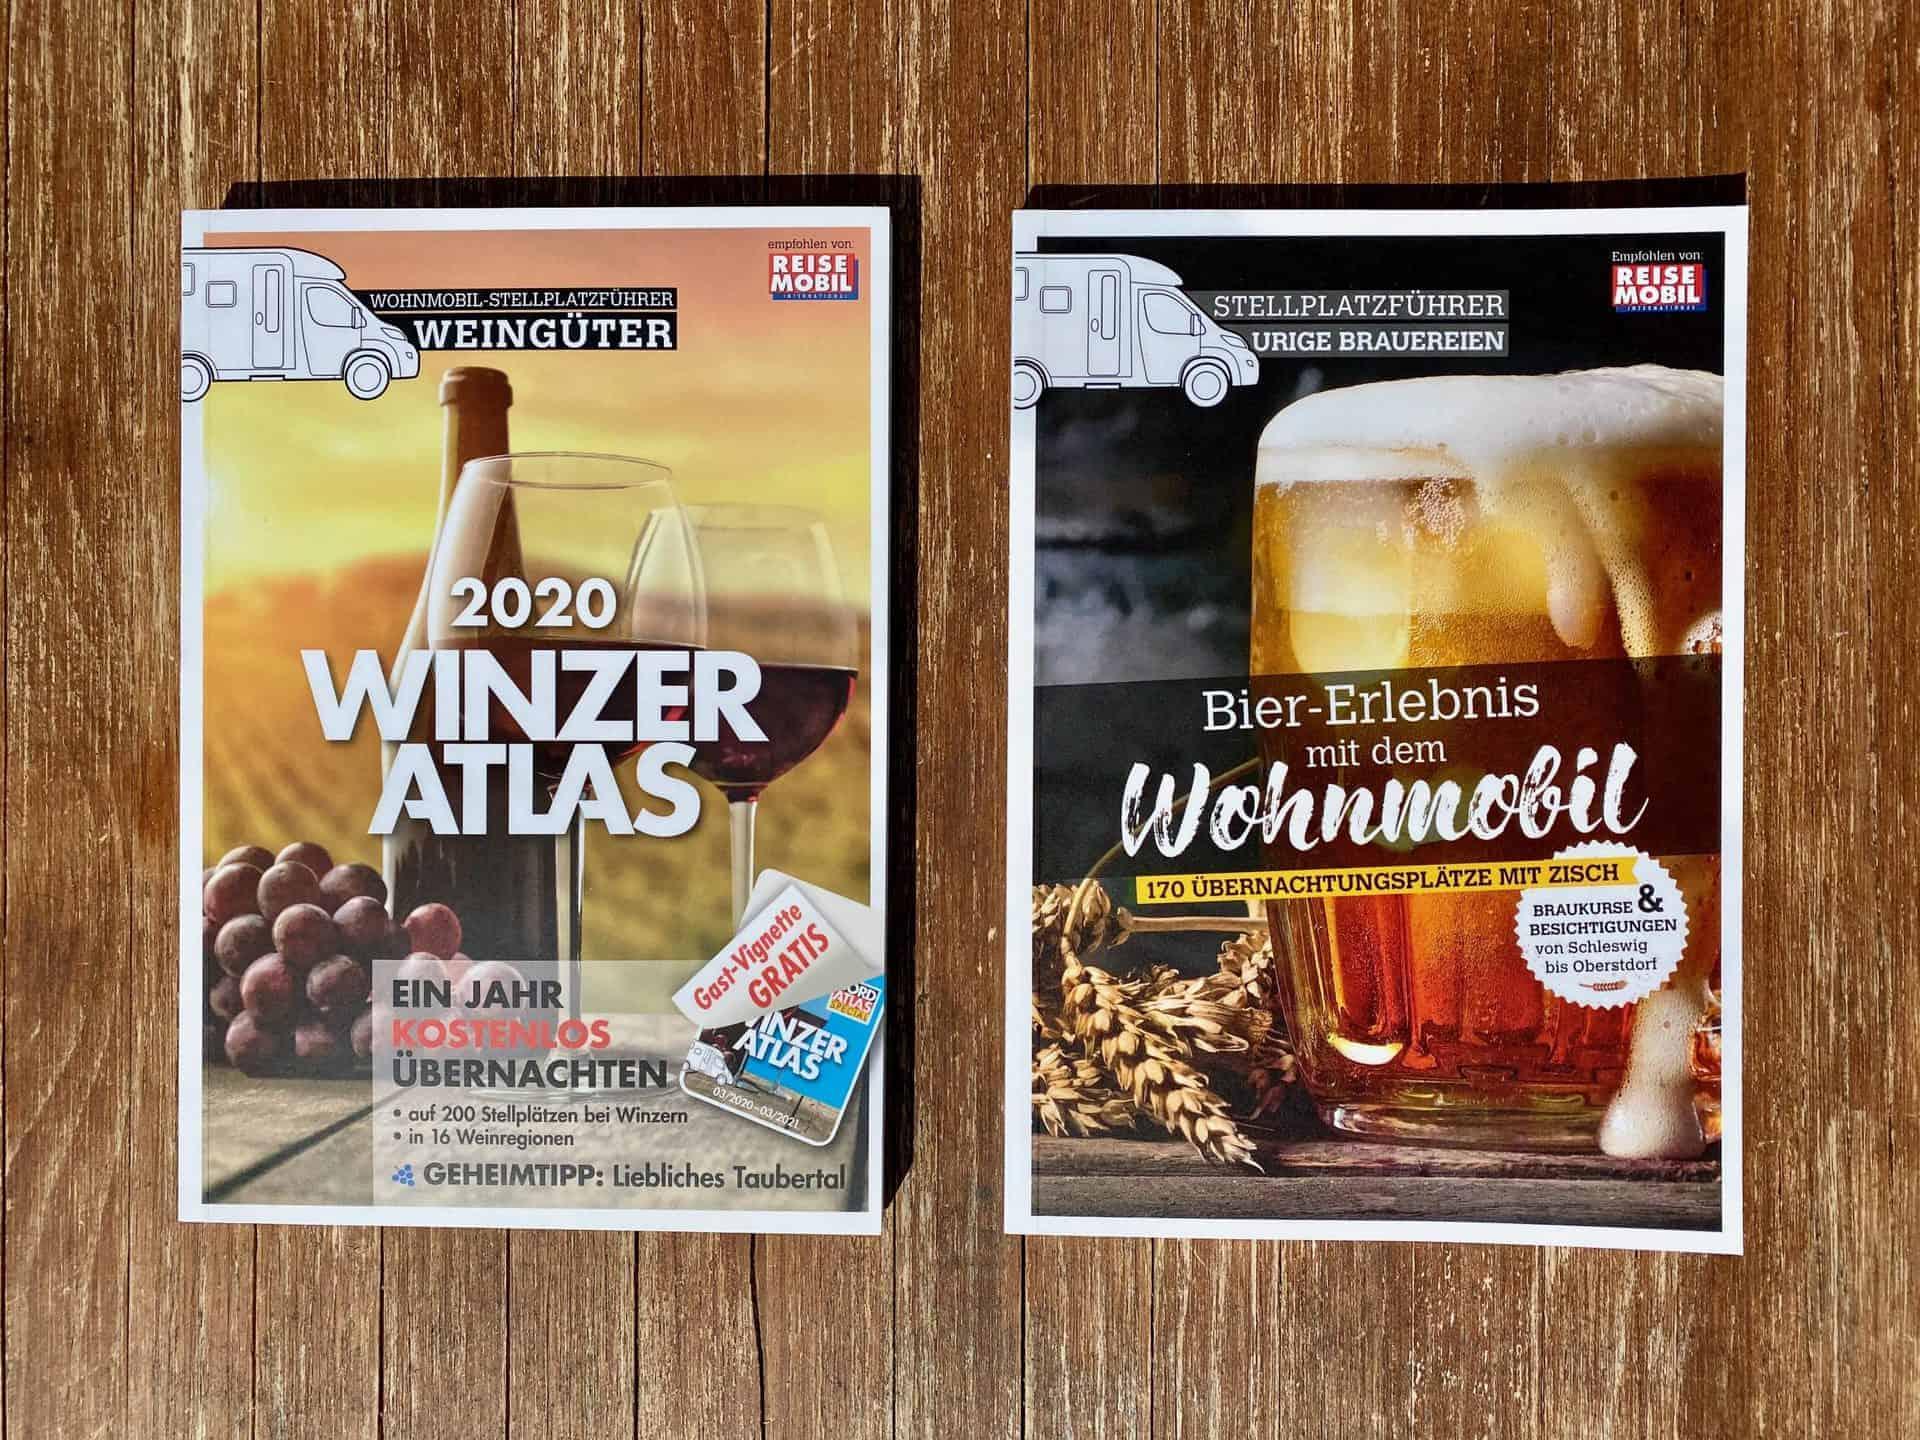 Reisemobil_International_Winzer_Atlas_2020_Bier-Erlebnis_mit_dem_Wohnmobil